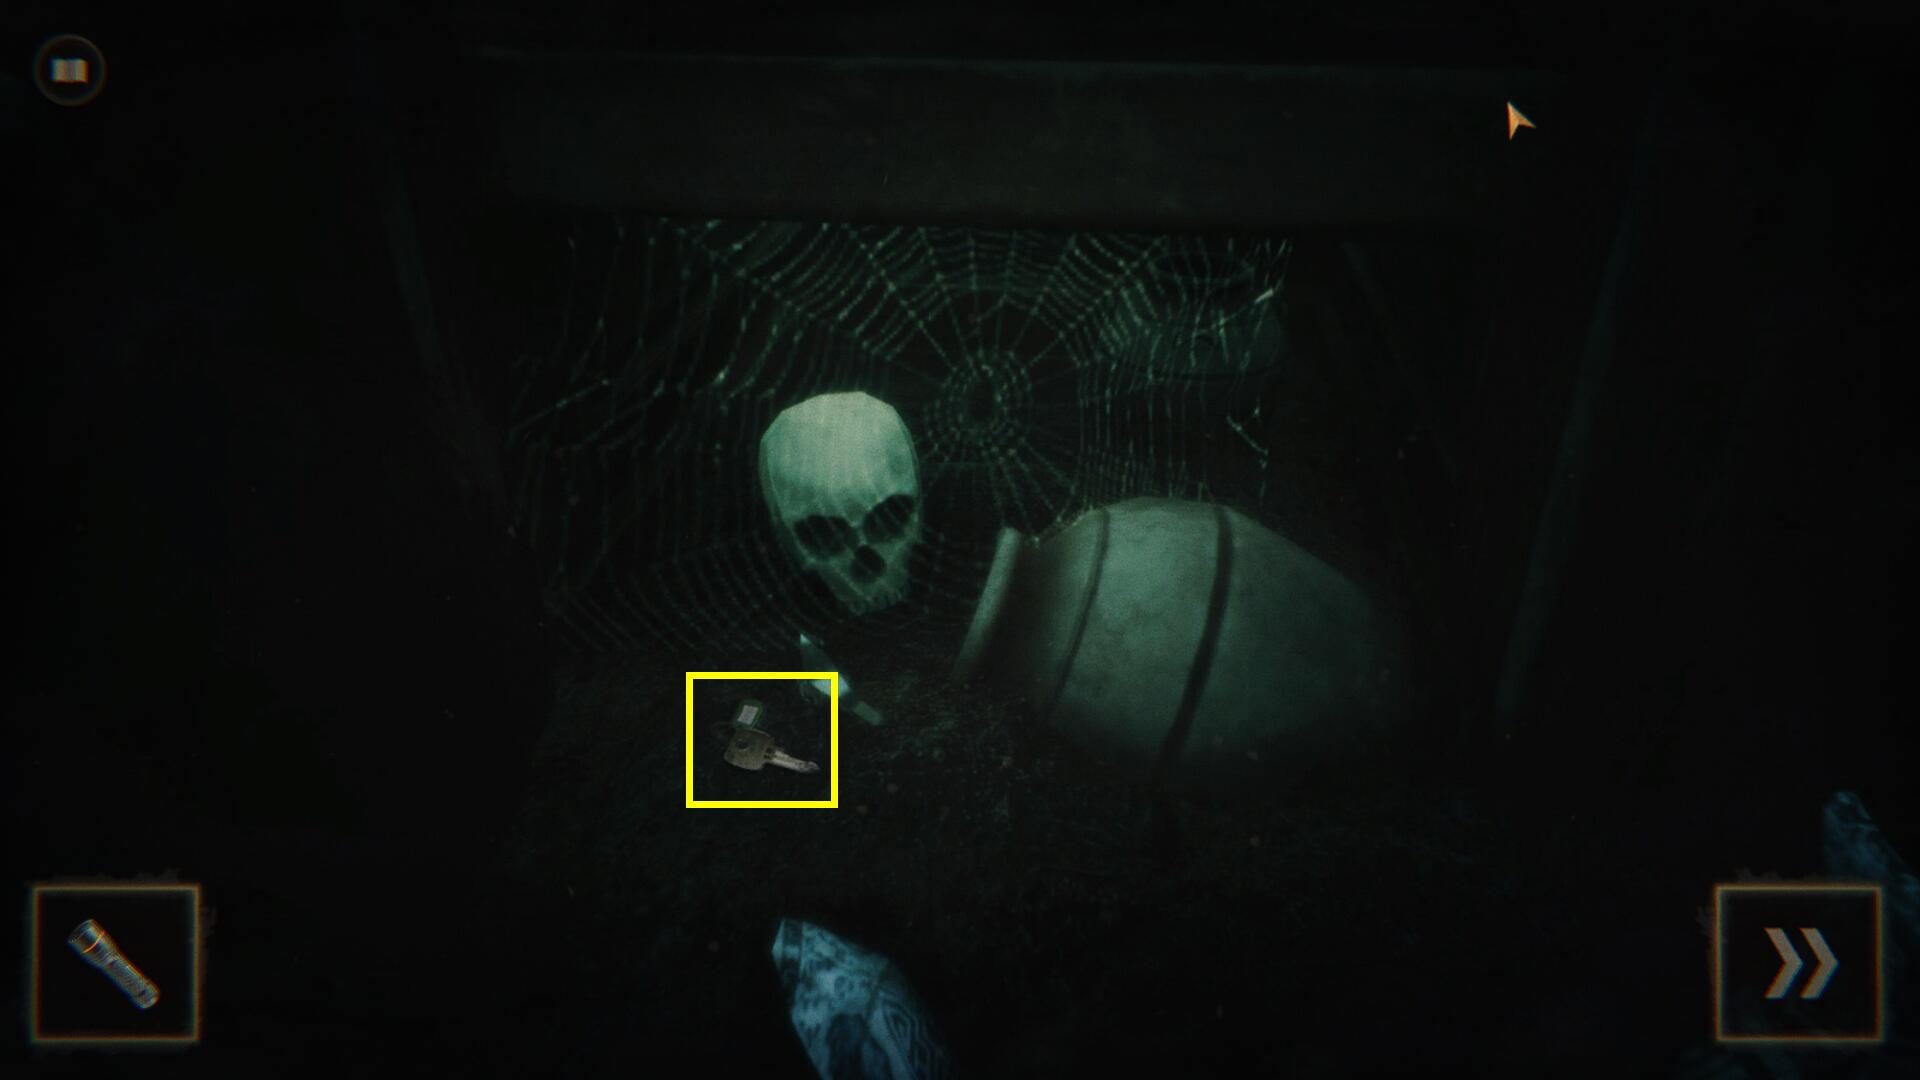 Darkroom游戏攻略 暗室简单难度第一章